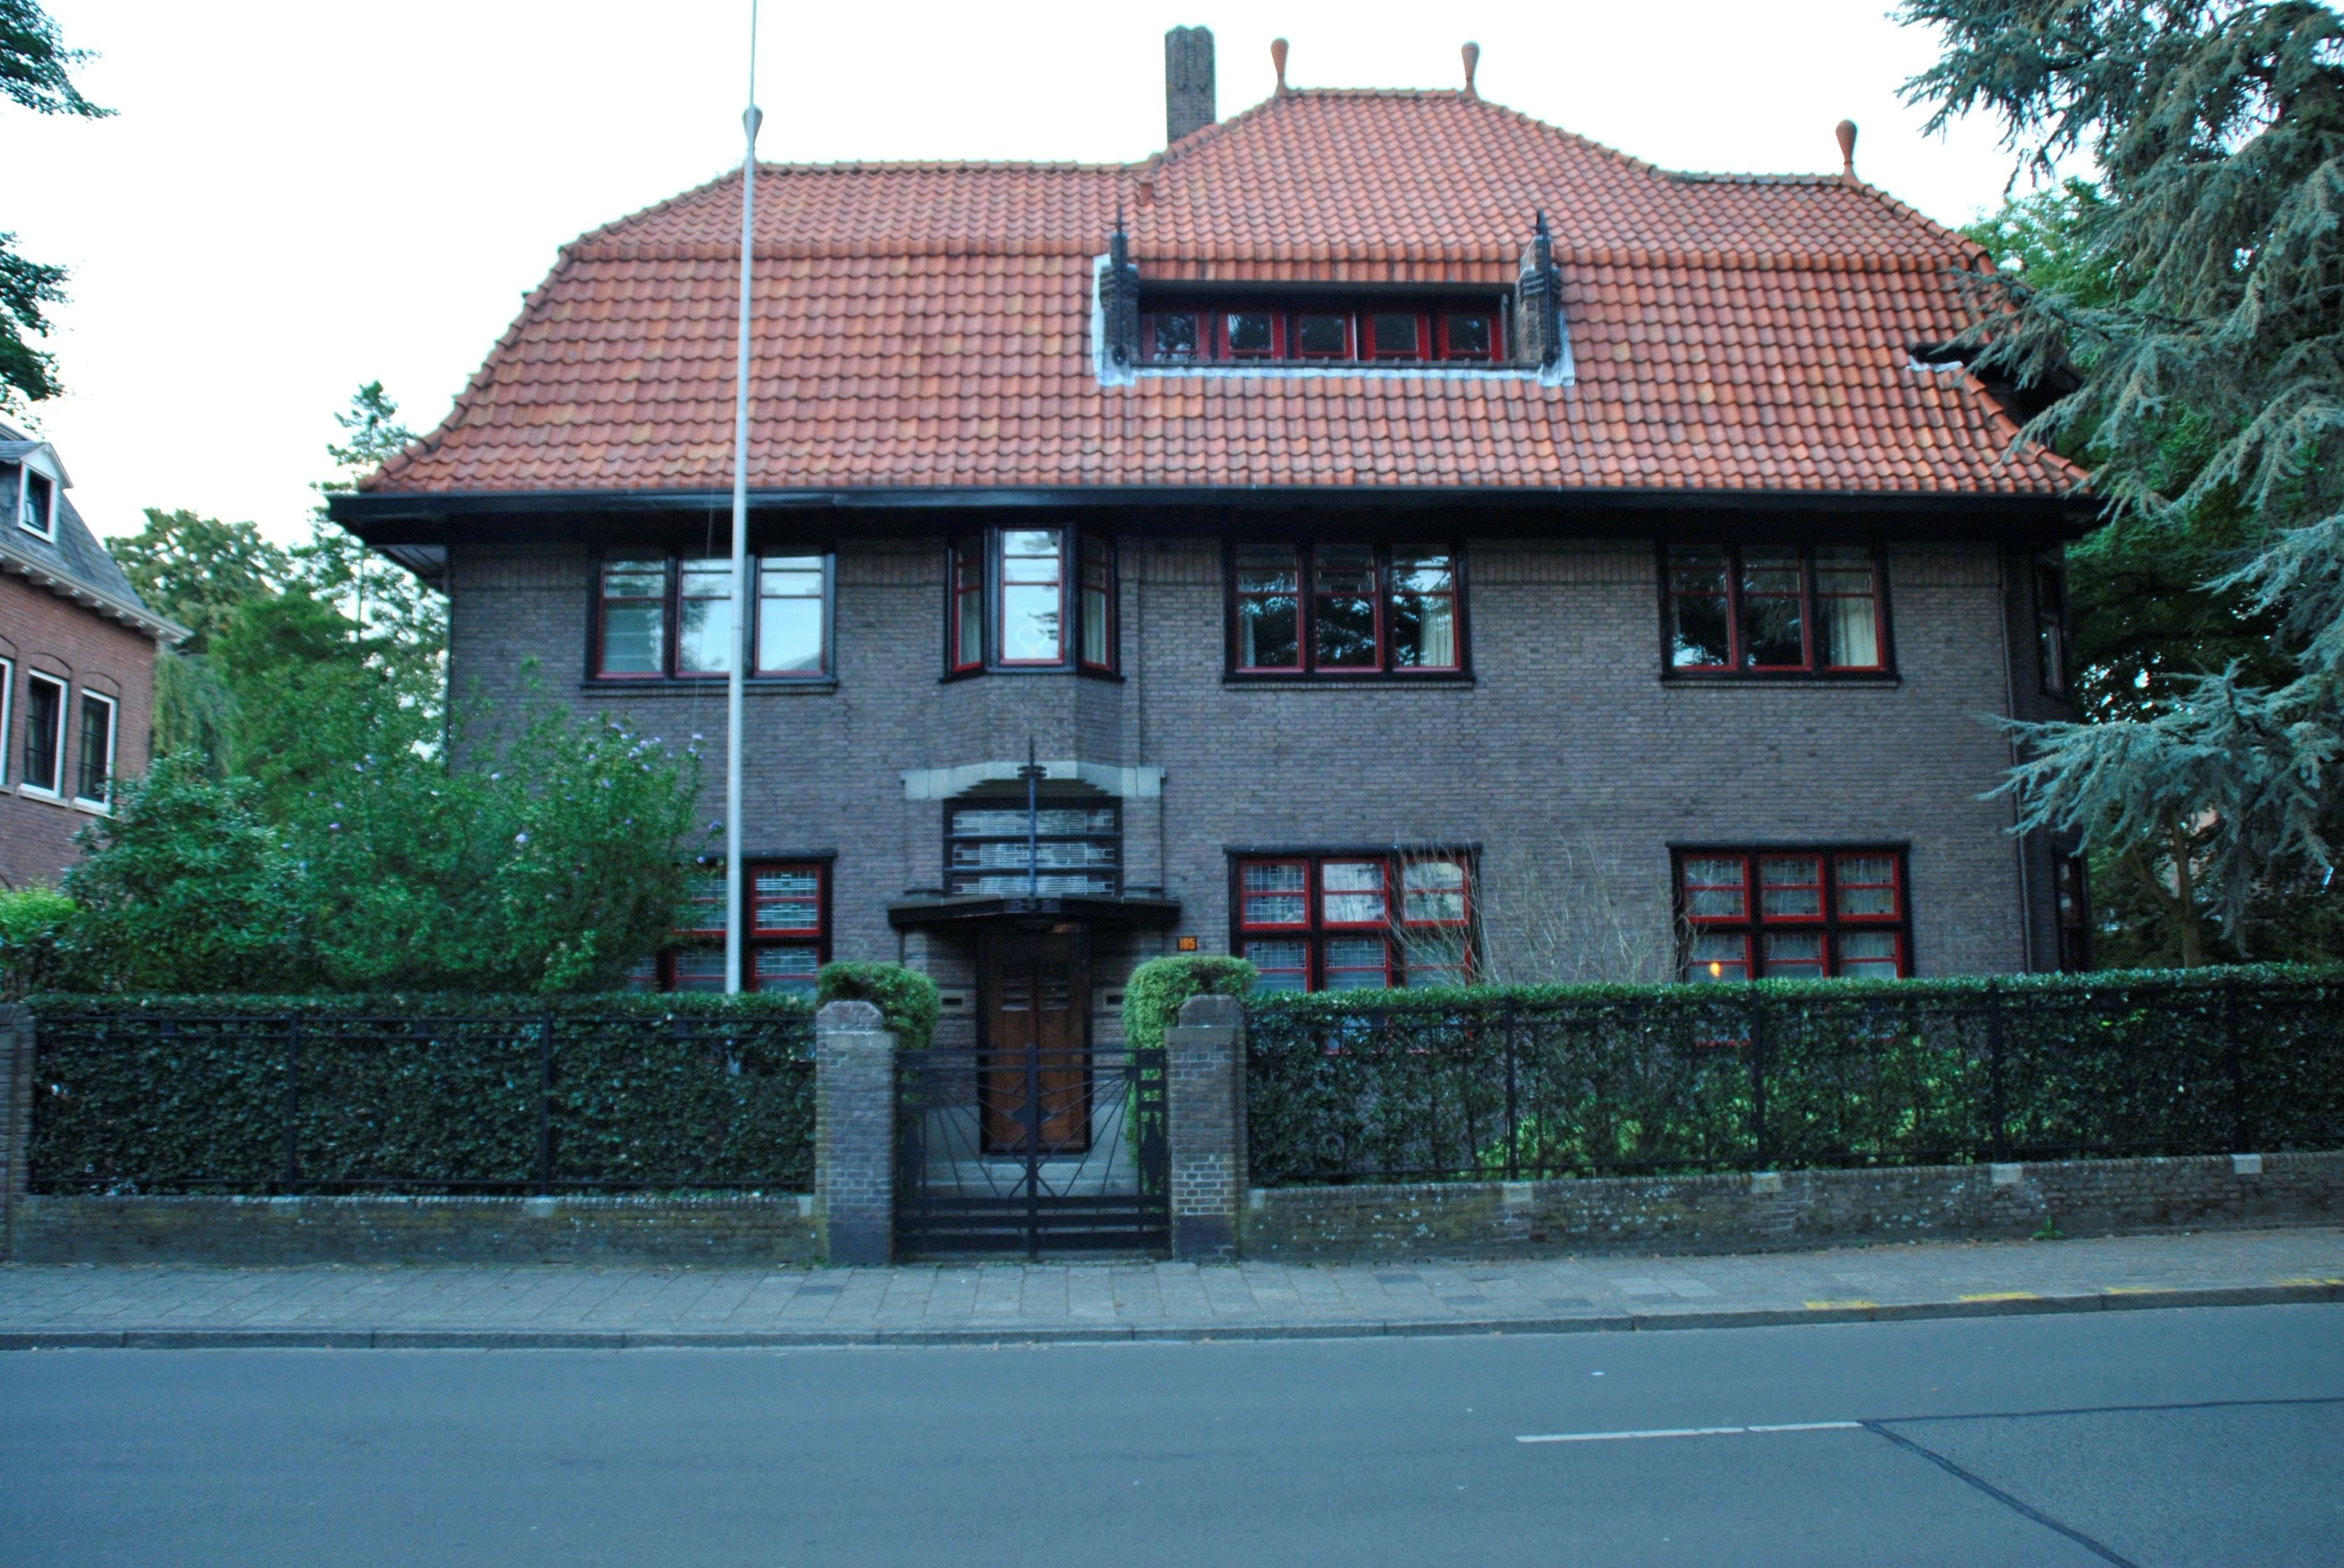 Villa voor de fabrikant frans van dooren in expressionistische stijl in tilburg monument - Expressionistische architectuur ...